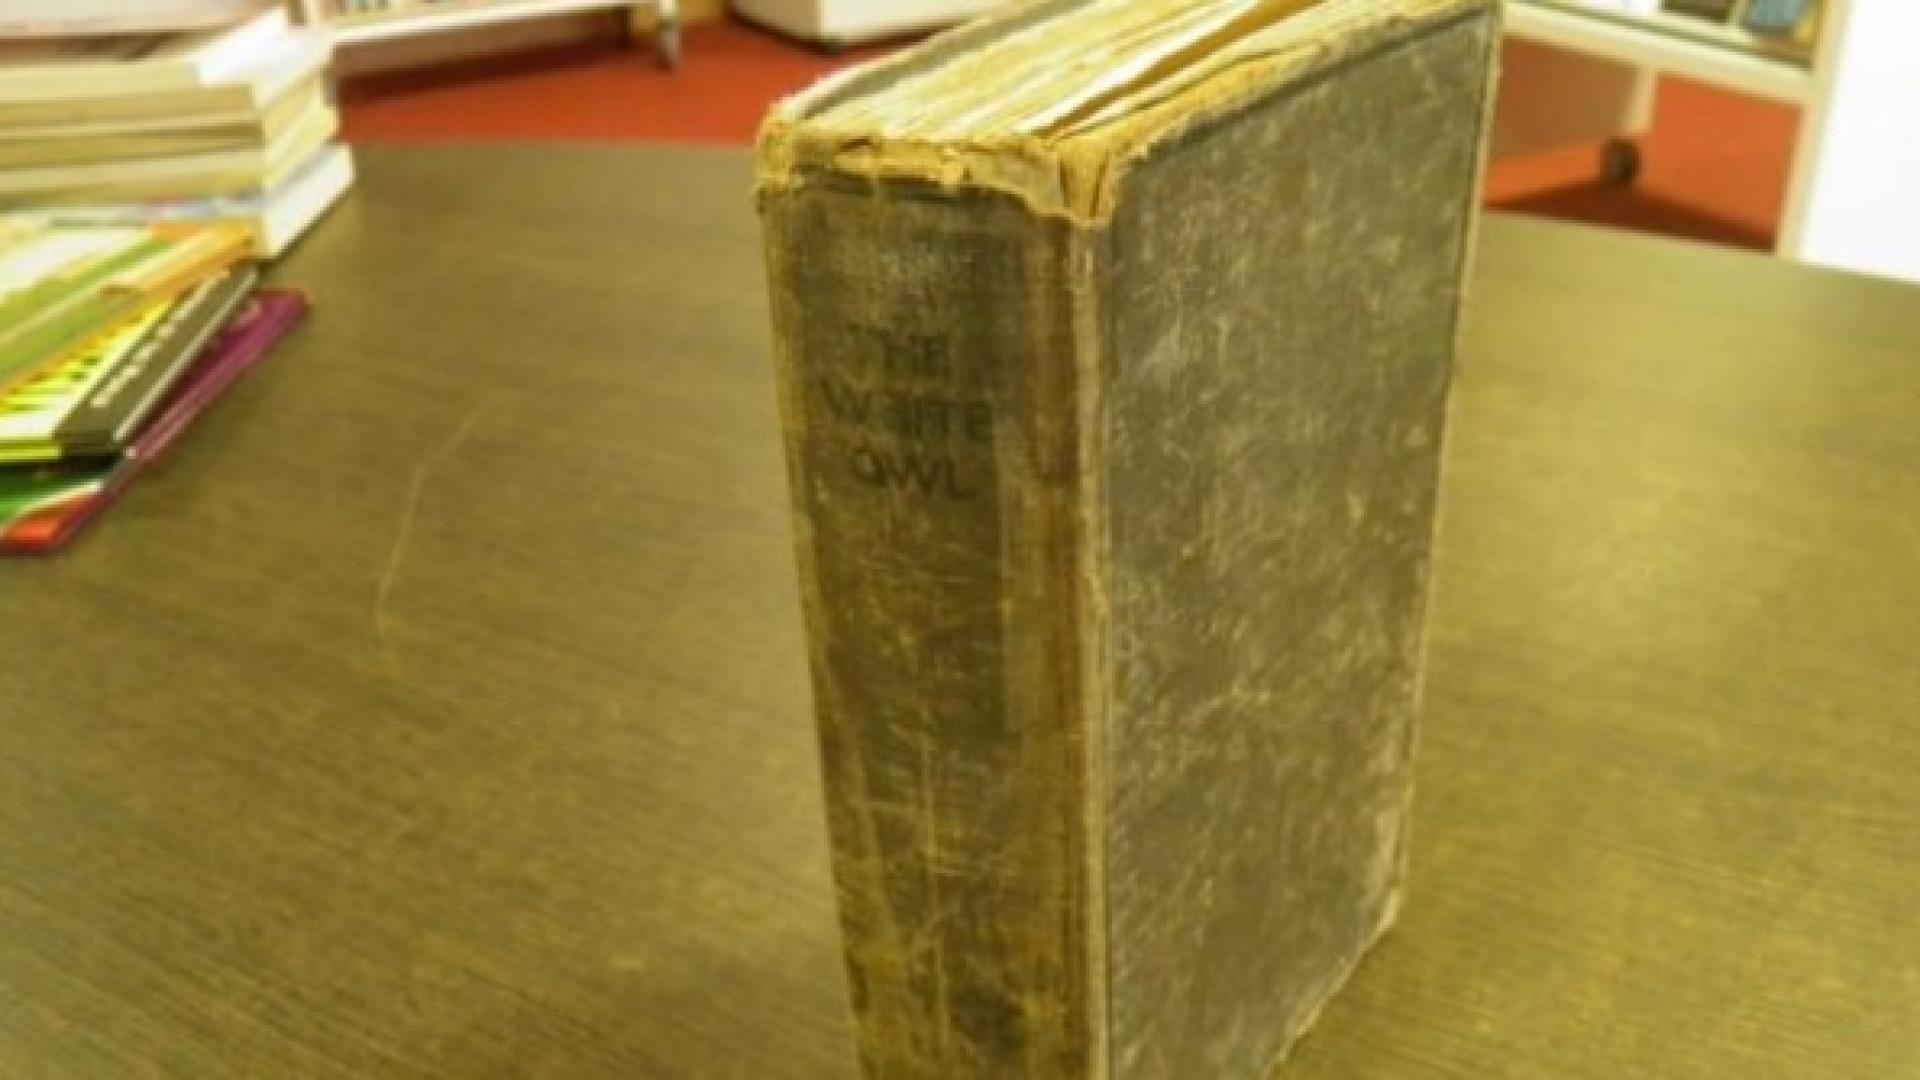 Livro raro foi devolvido a biblioteca mais de 80 anos depois